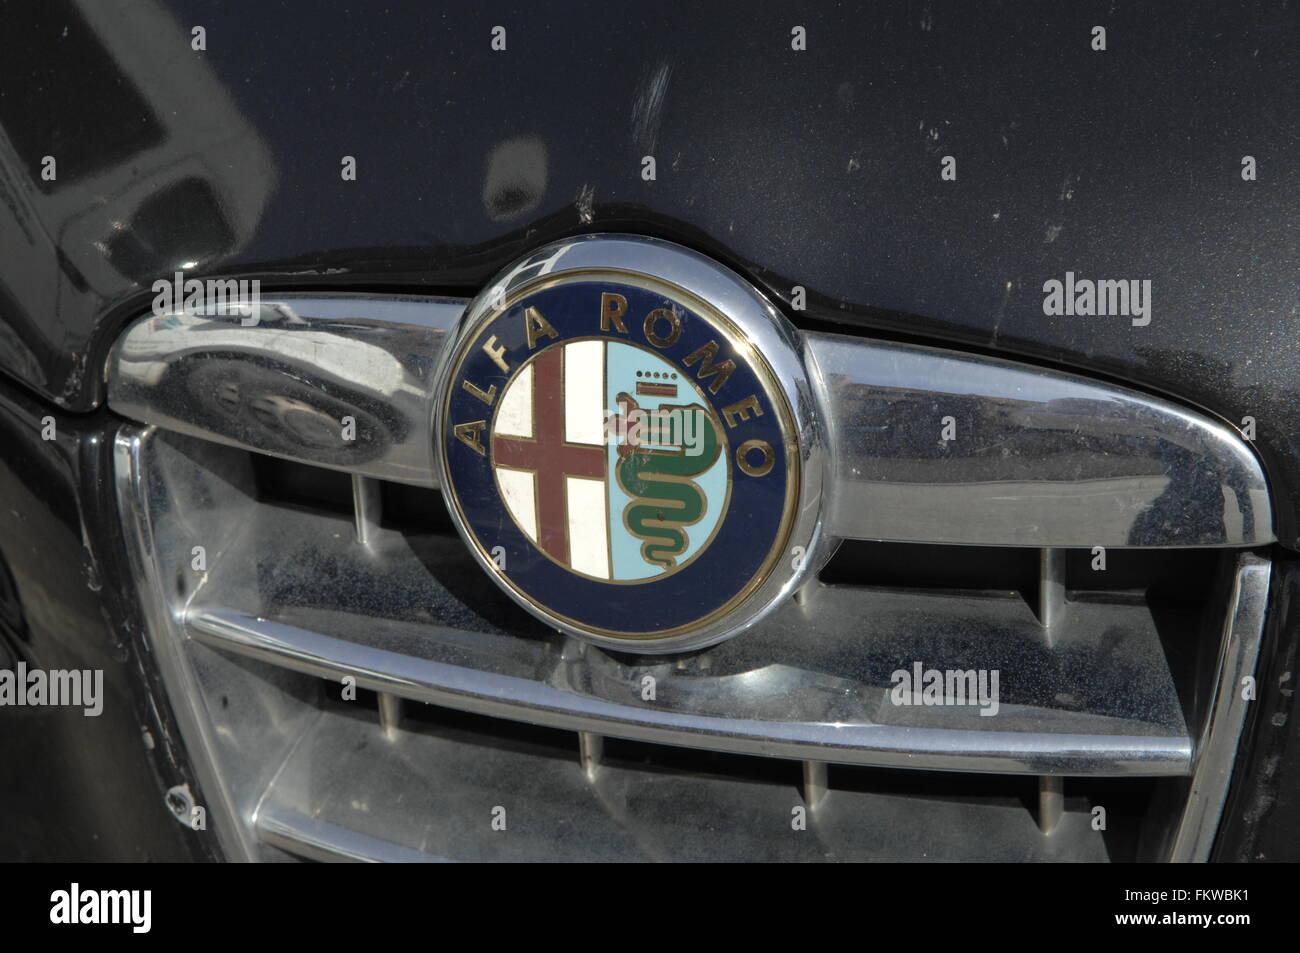 Alfa Romeo Automobiles S.p.A. es un fabricante italiano de automóviles. Fundada como A.L.F.A. ('Anonima Imagen De Stock